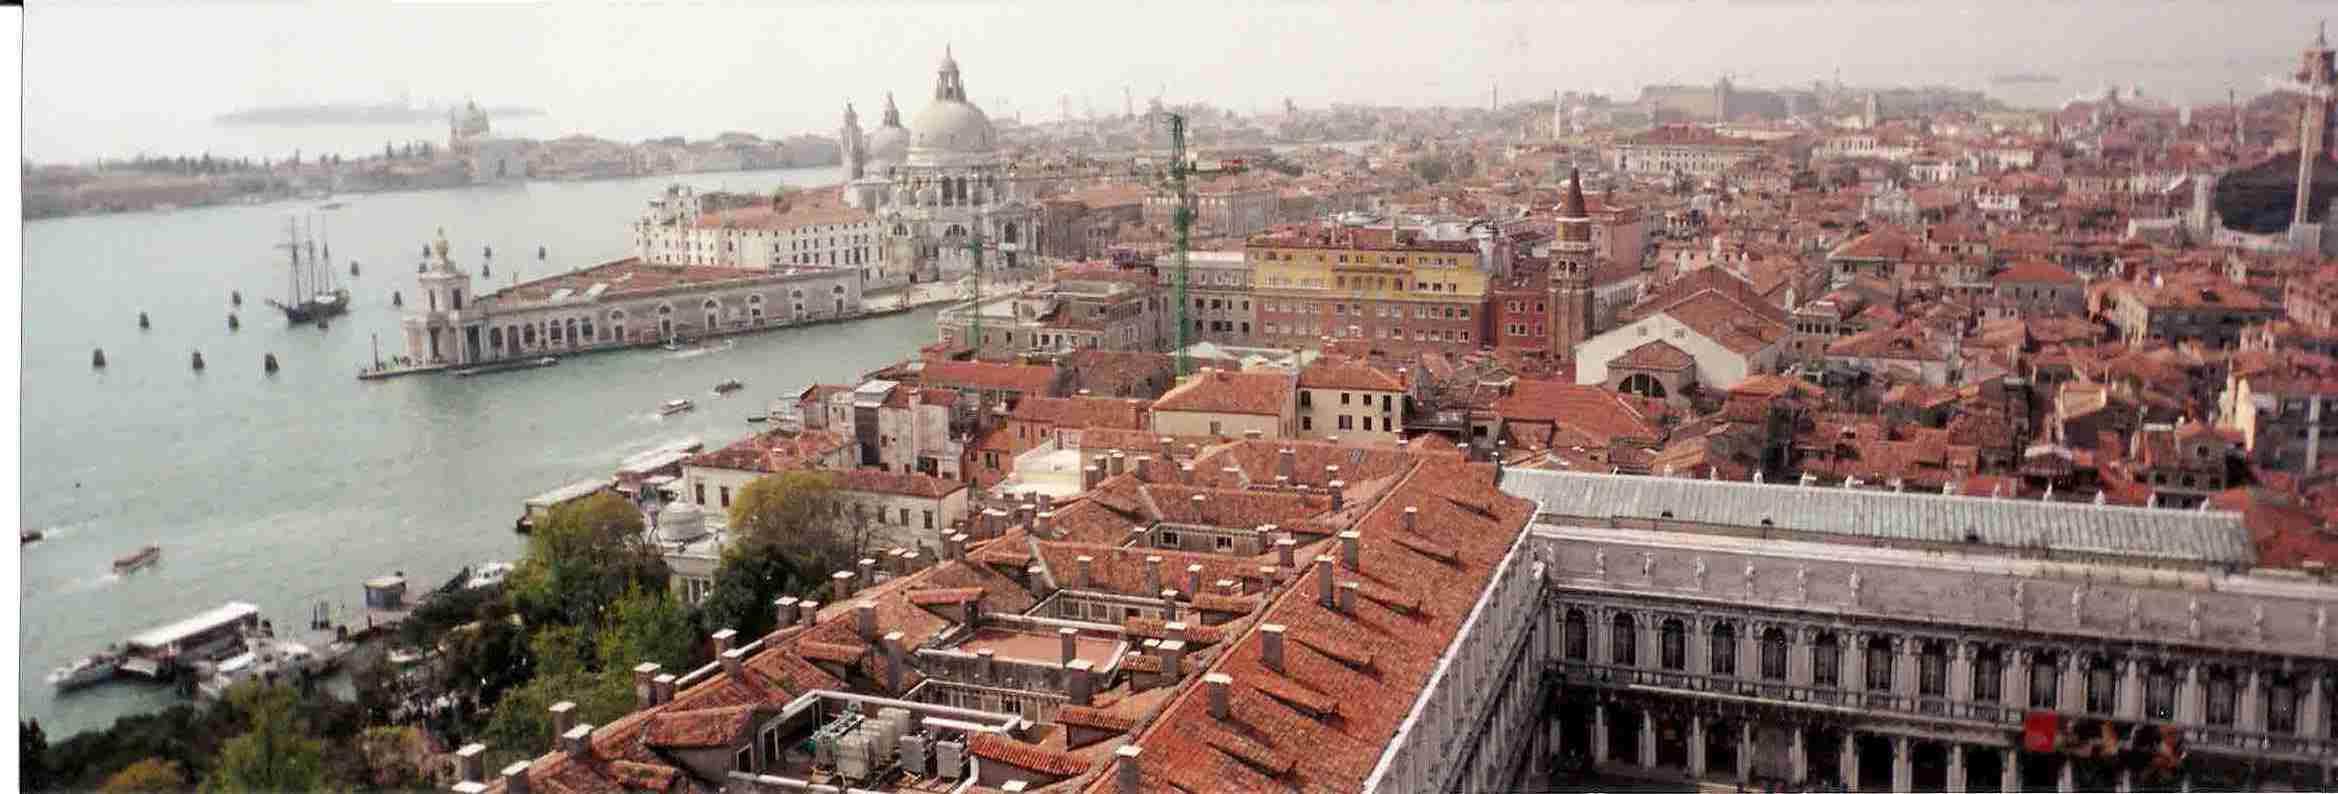 2000 Europe 00 Venice Italy